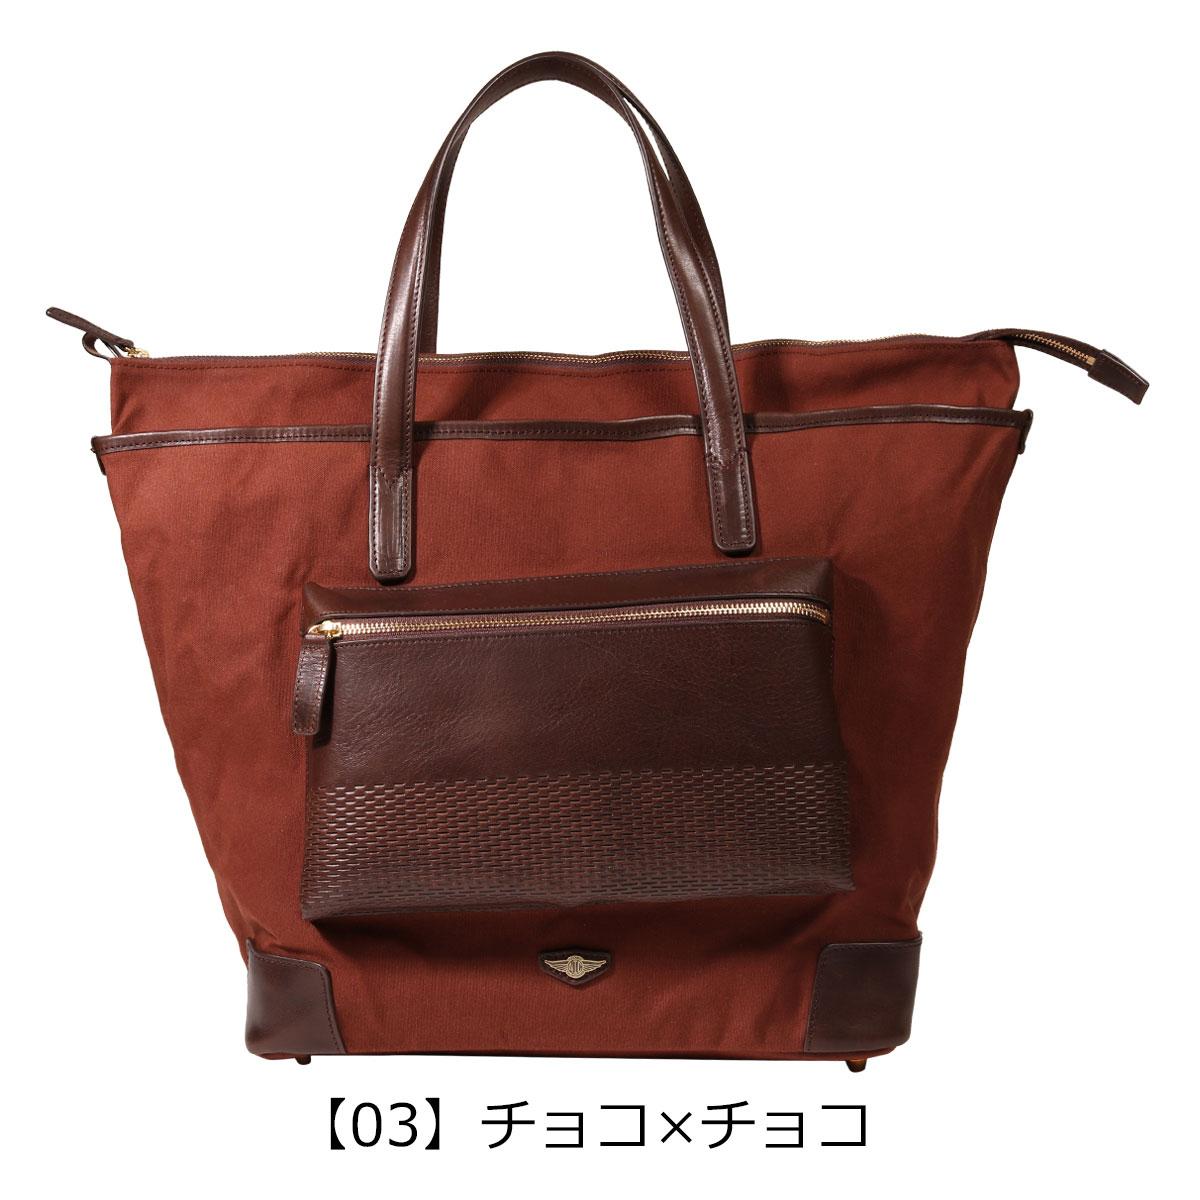 【03】チョコ×チョコ